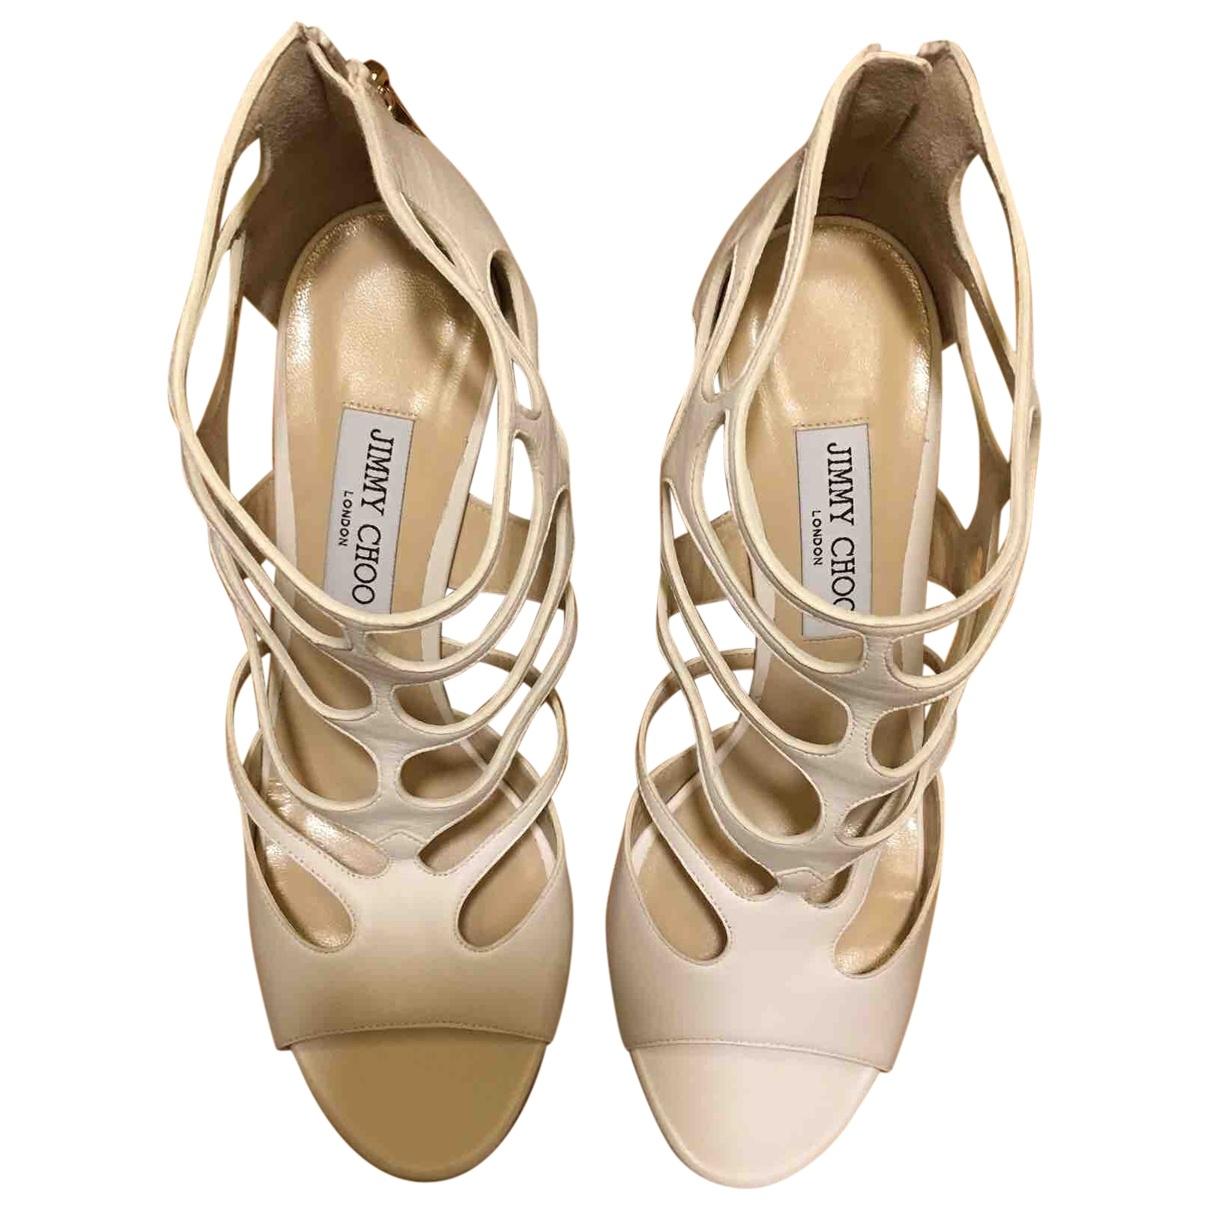 Jimmy Choo \N White Leather Sandals for Women 40.5 EU